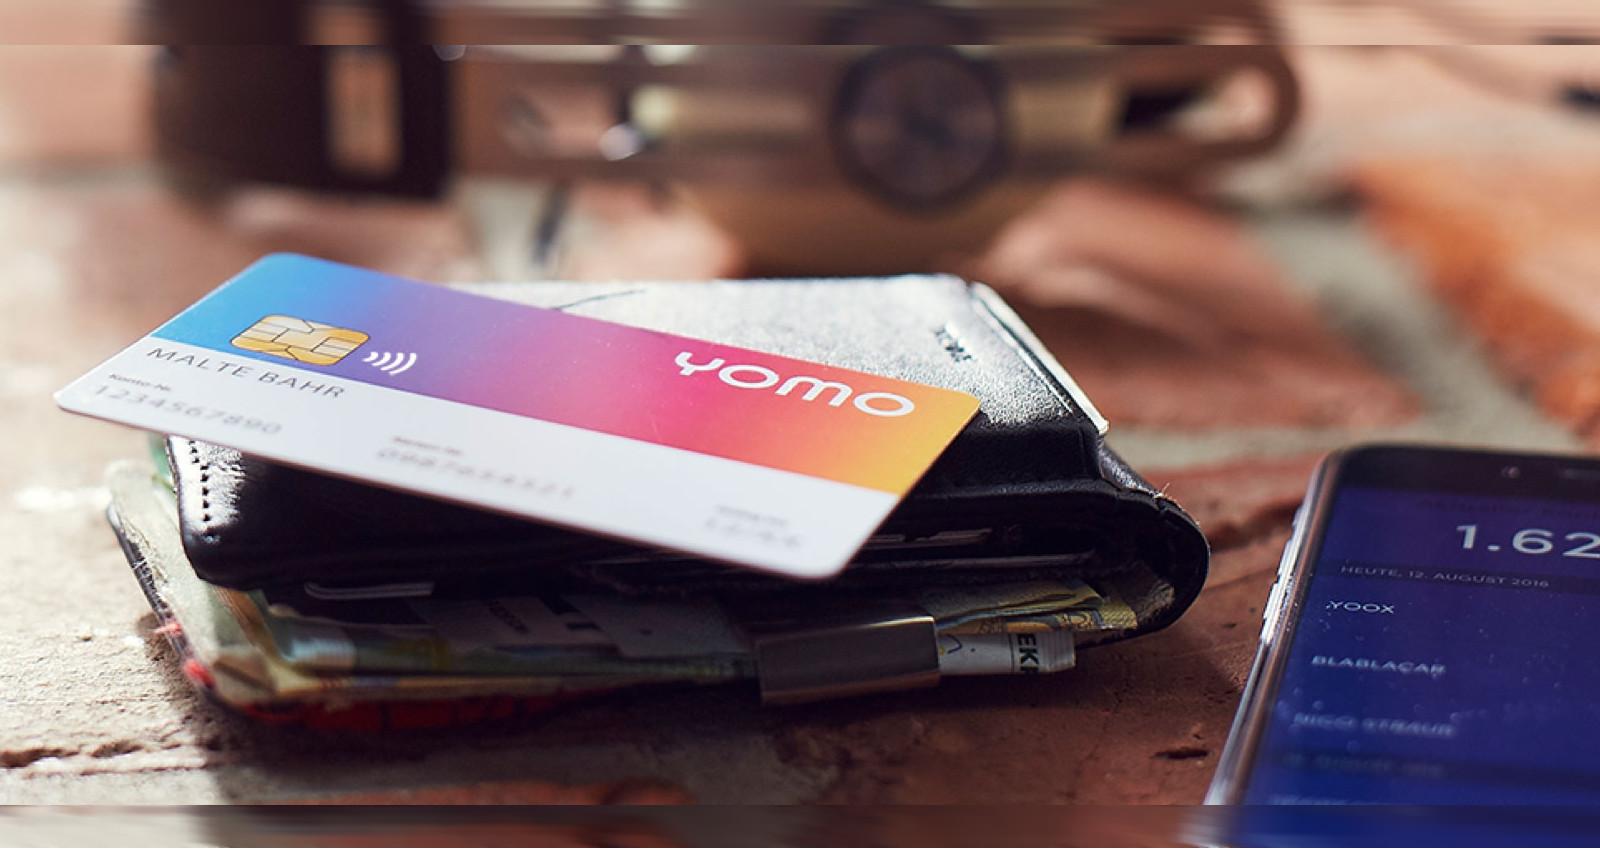 yomo kommt inklusive Girocard